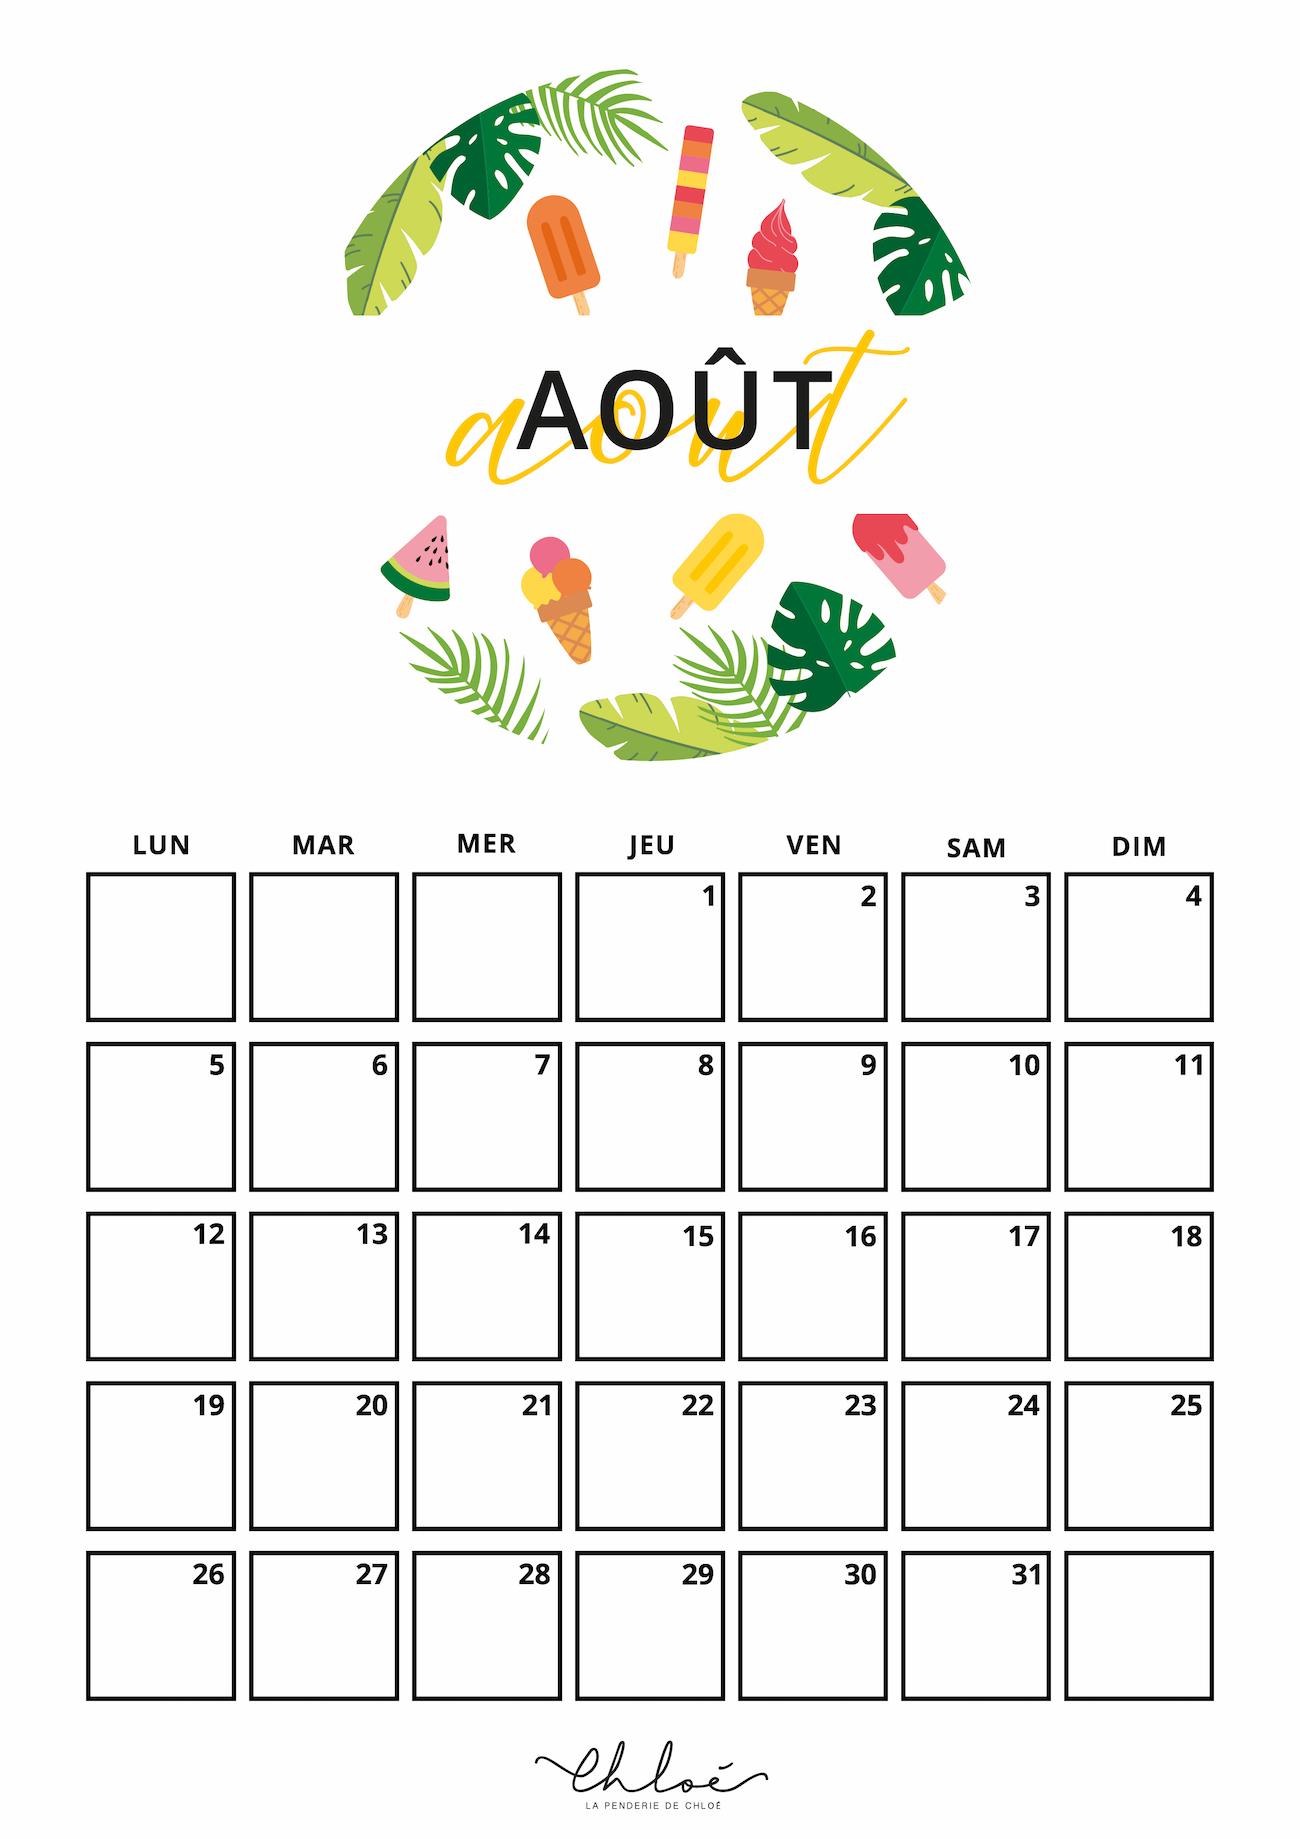 Calendrier Mois Aout 2019.Calendrier Aout Kit A Imprimer La Penderie De Chloe